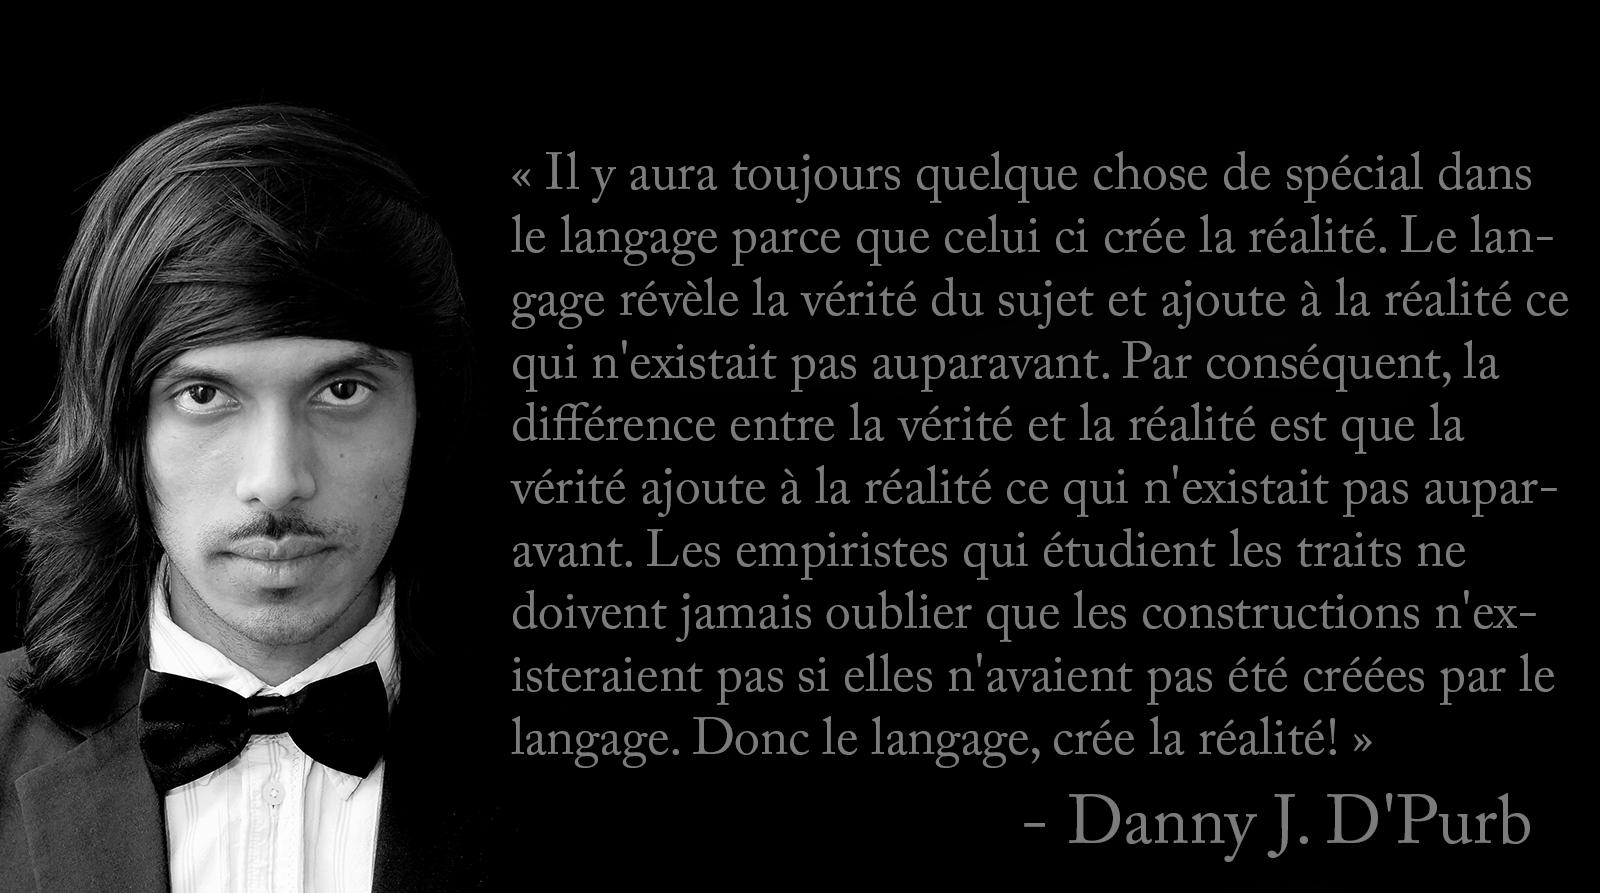 Le Langage et la Réalité danny d'purb dpurb site web 1600.jpg